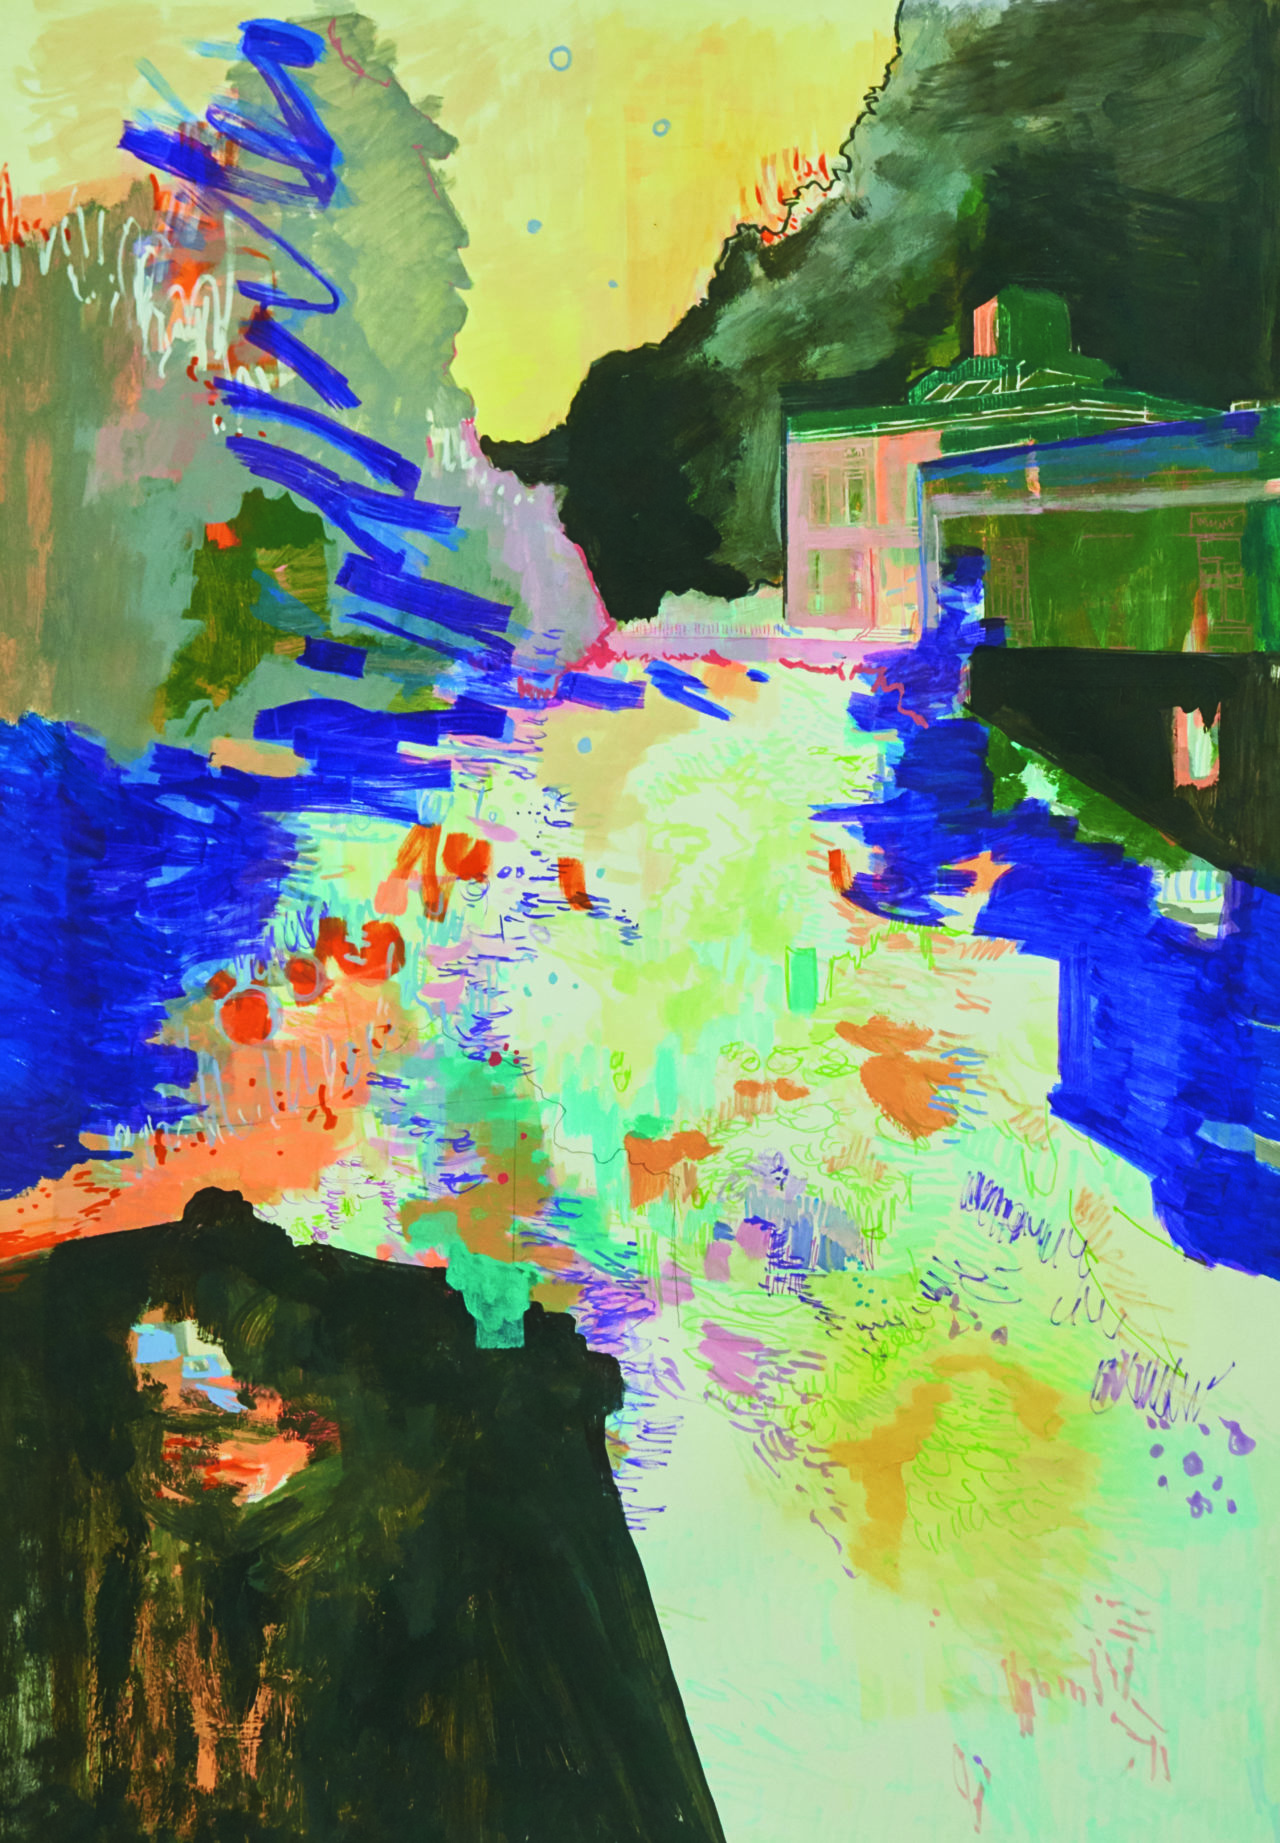 Heiliger See, 100 x 70 cm, Acryl, Stift und Tuschestift auf Papier, 2017